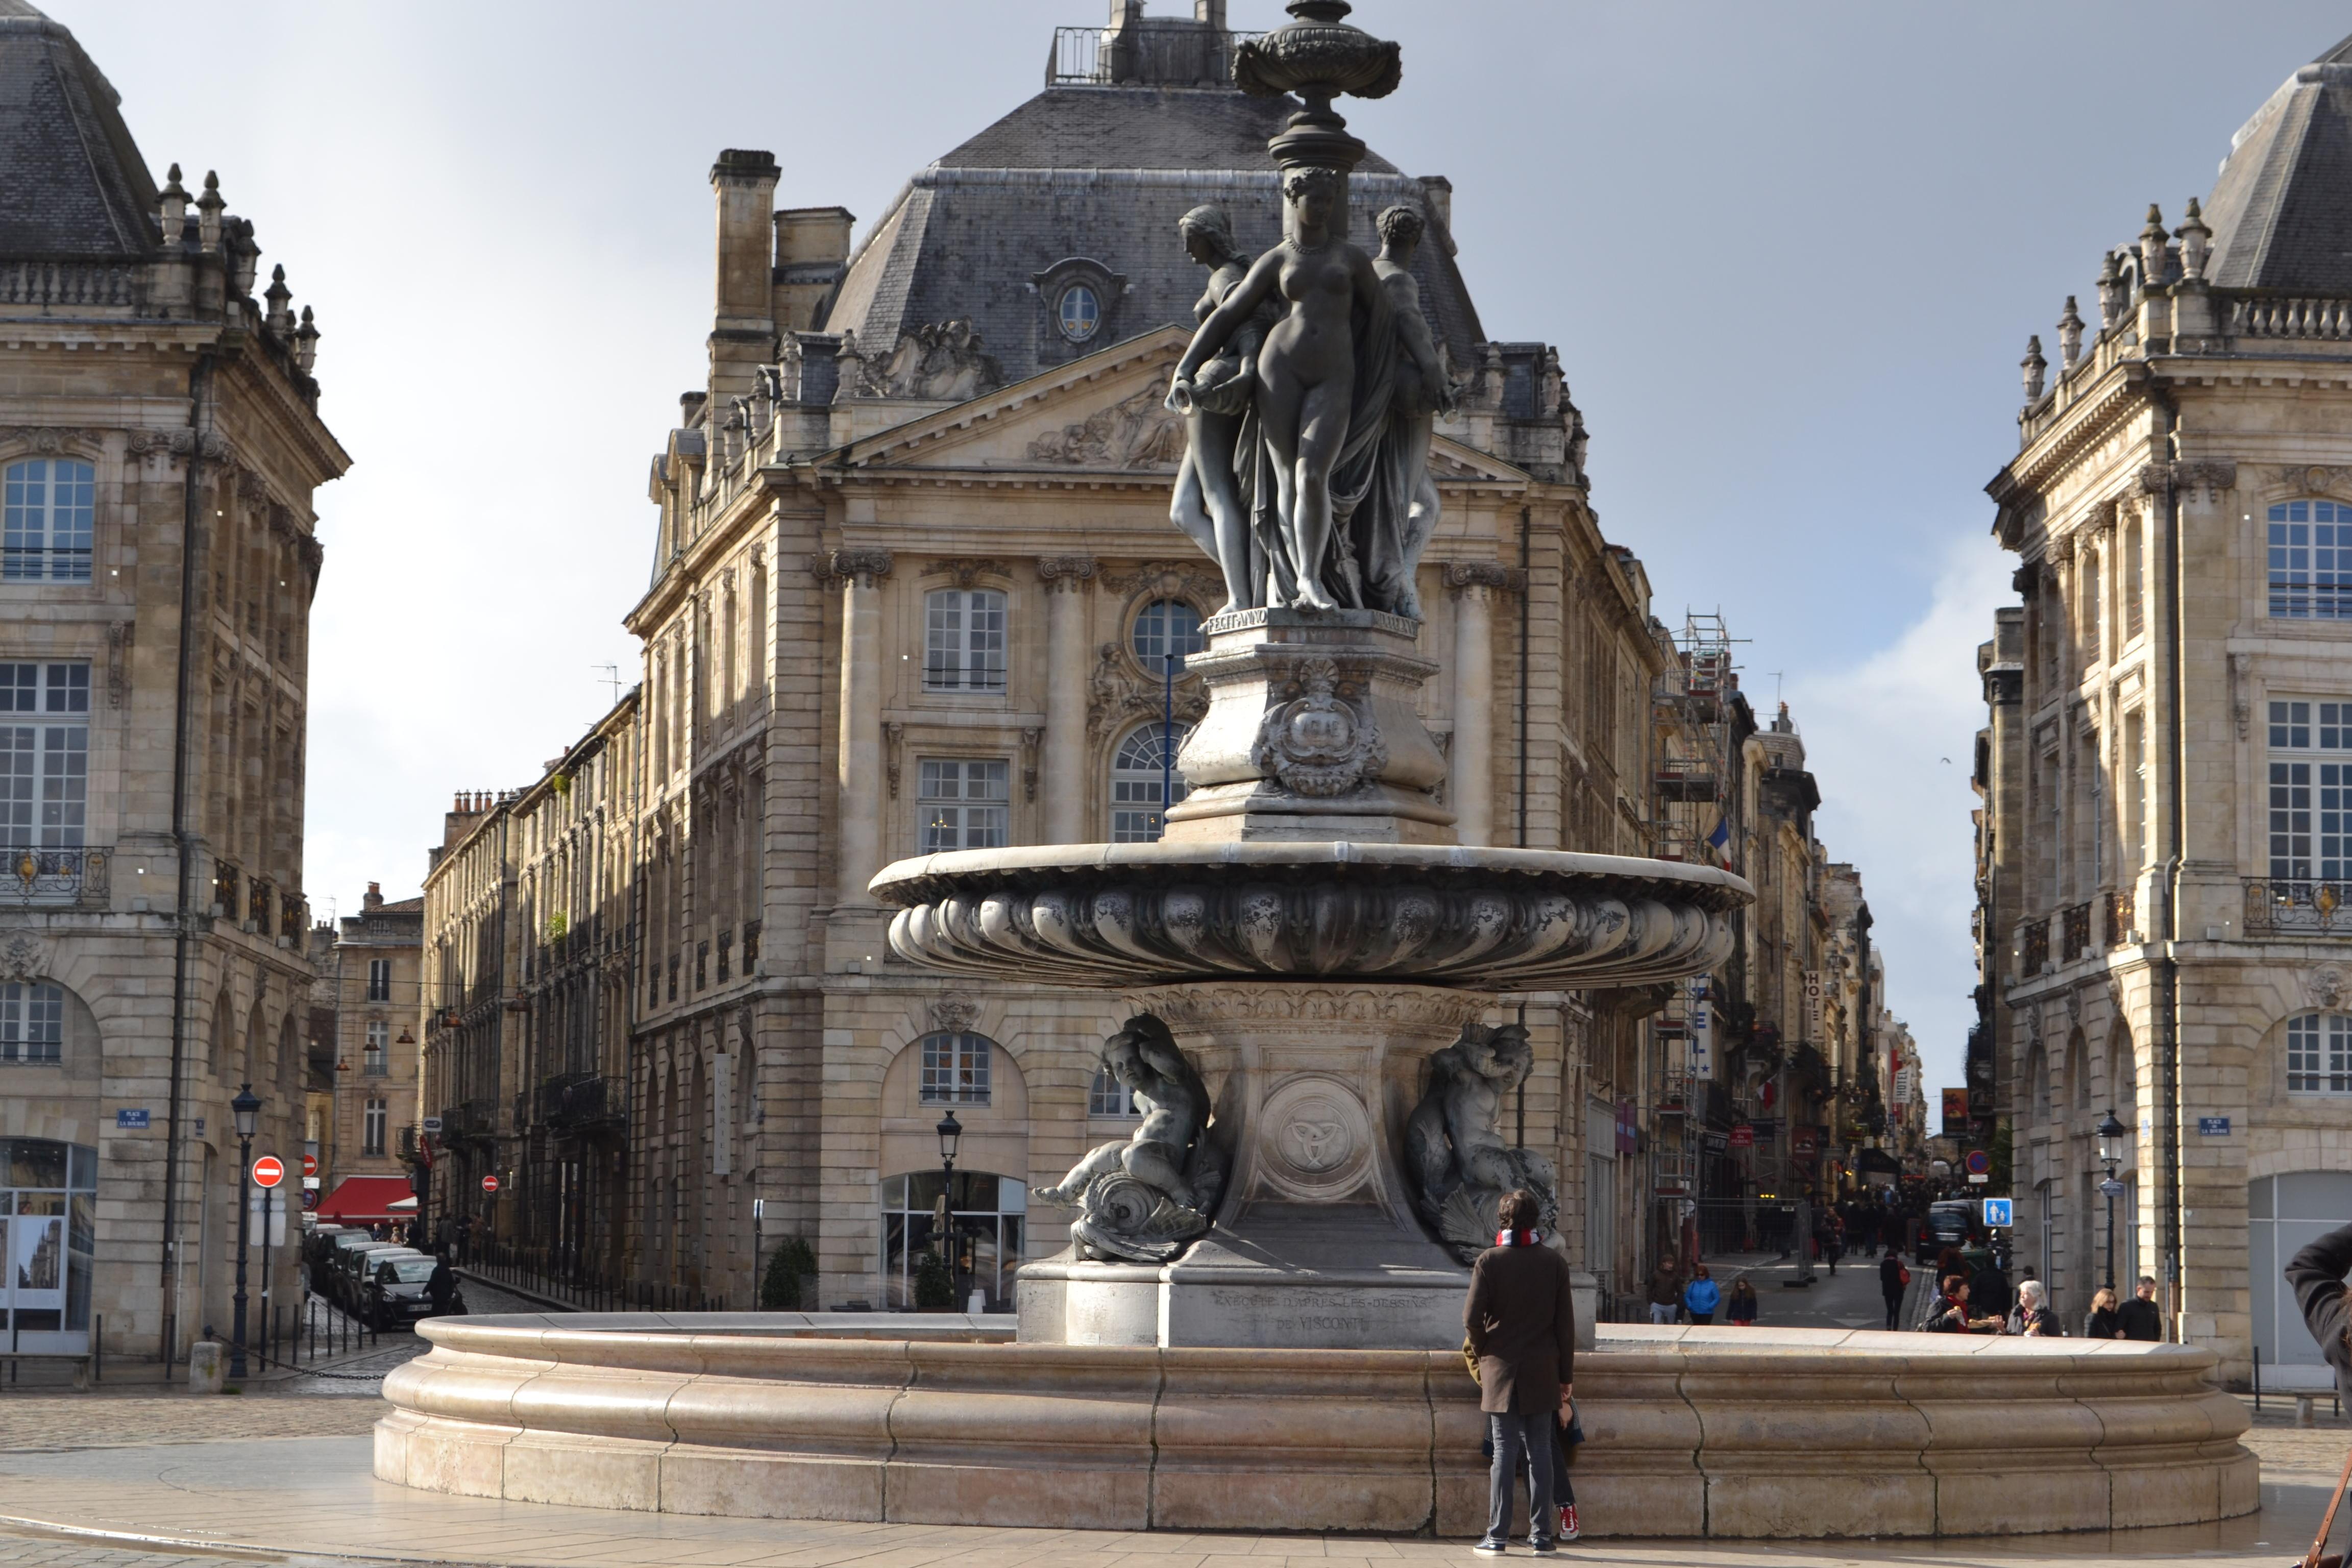 161-visite-historique-et-gourmande-insoleat-fontaine.jpg